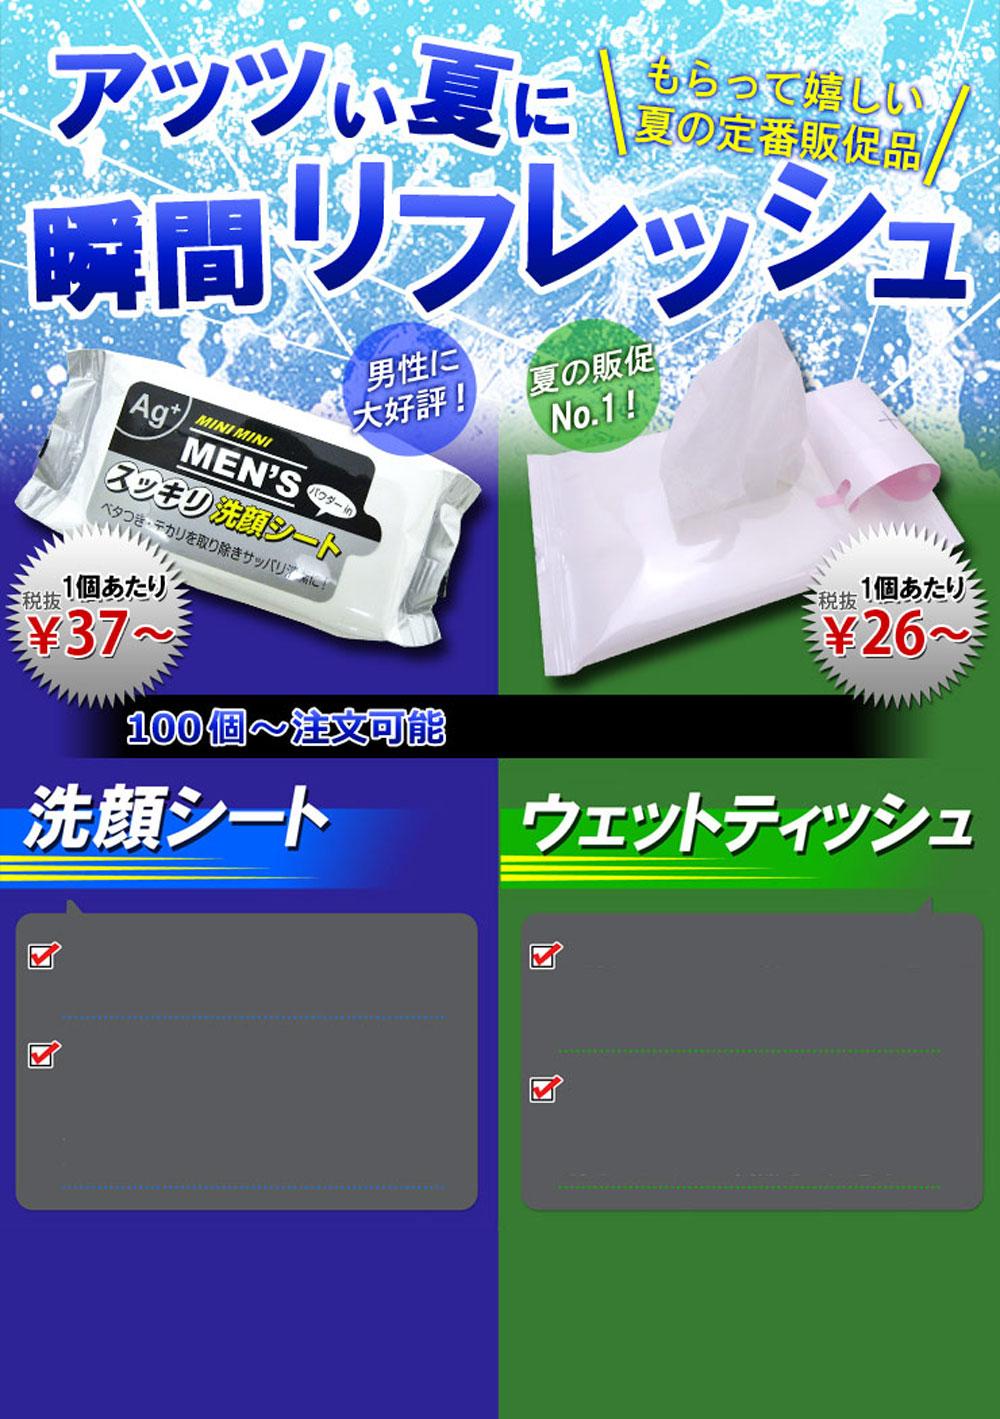 洗顔シート・ウェットシート